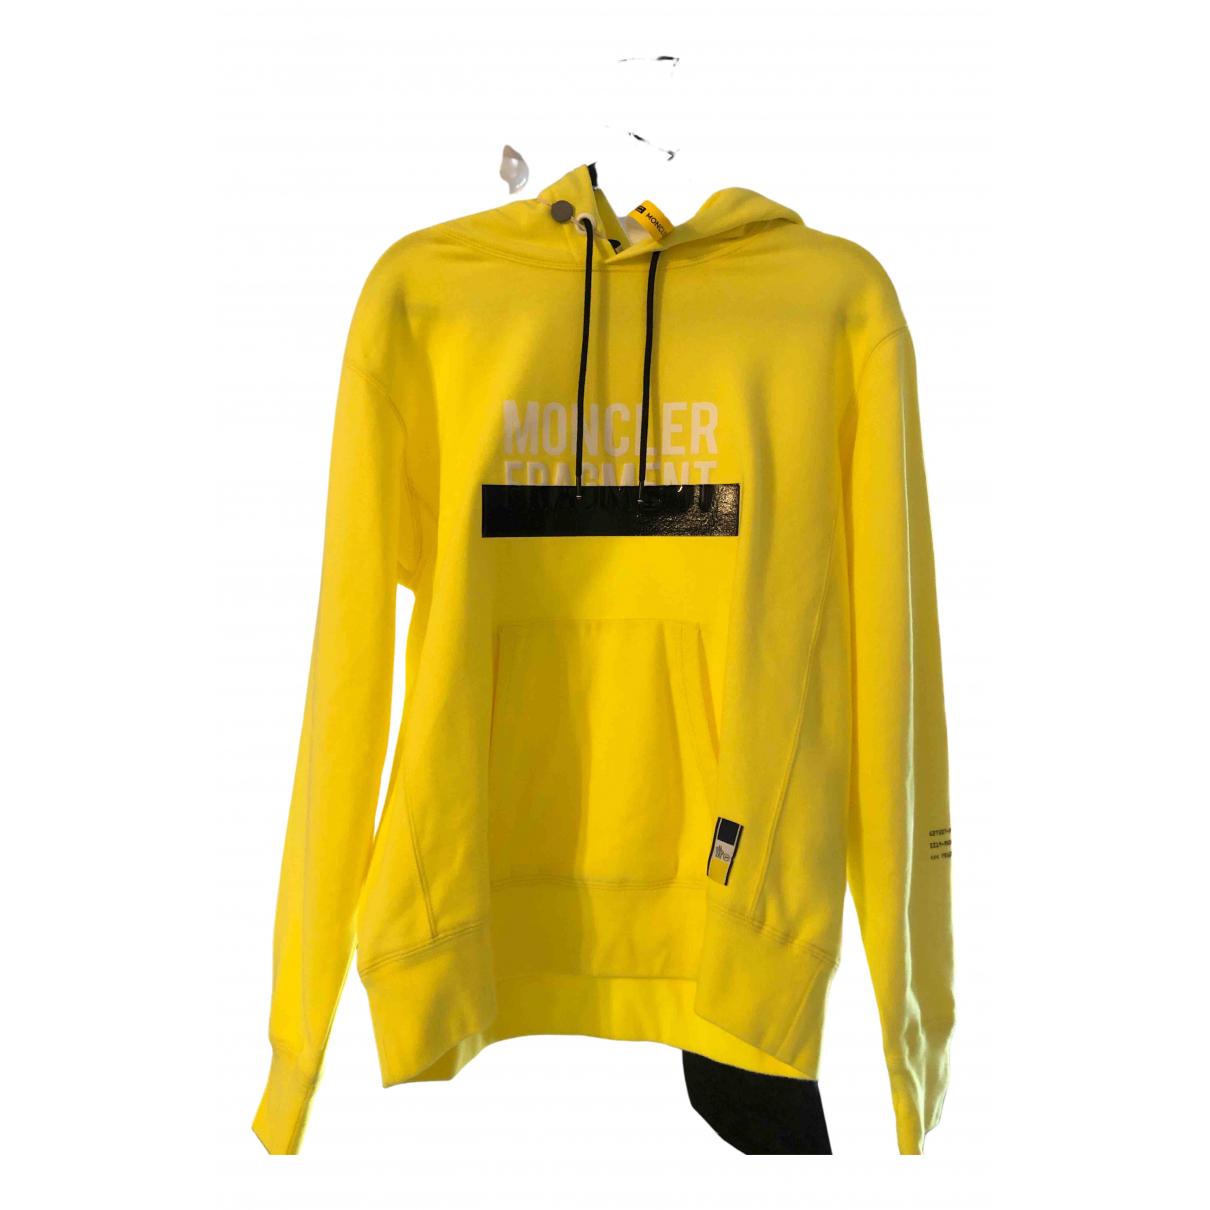 Moncler Genius Moncler n°7 Fragment Hiroshi Fujiwara Pullover.Westen.Sweatshirts  in  Gelb Baumwolle